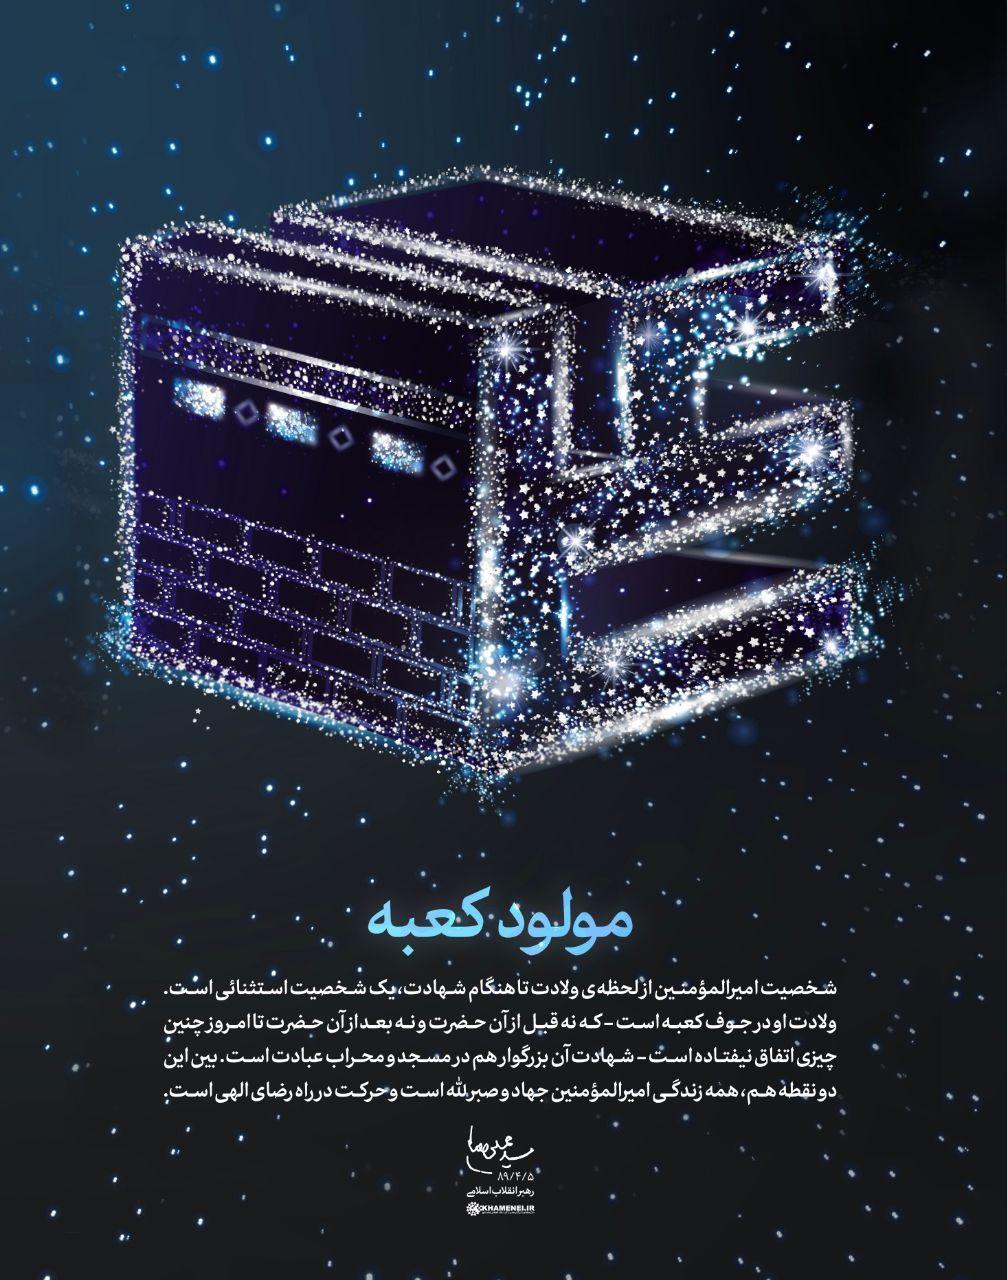 پوستر جدید سایت رهبر انقلاب به مناسبت ولادت حضرت علی(ع)